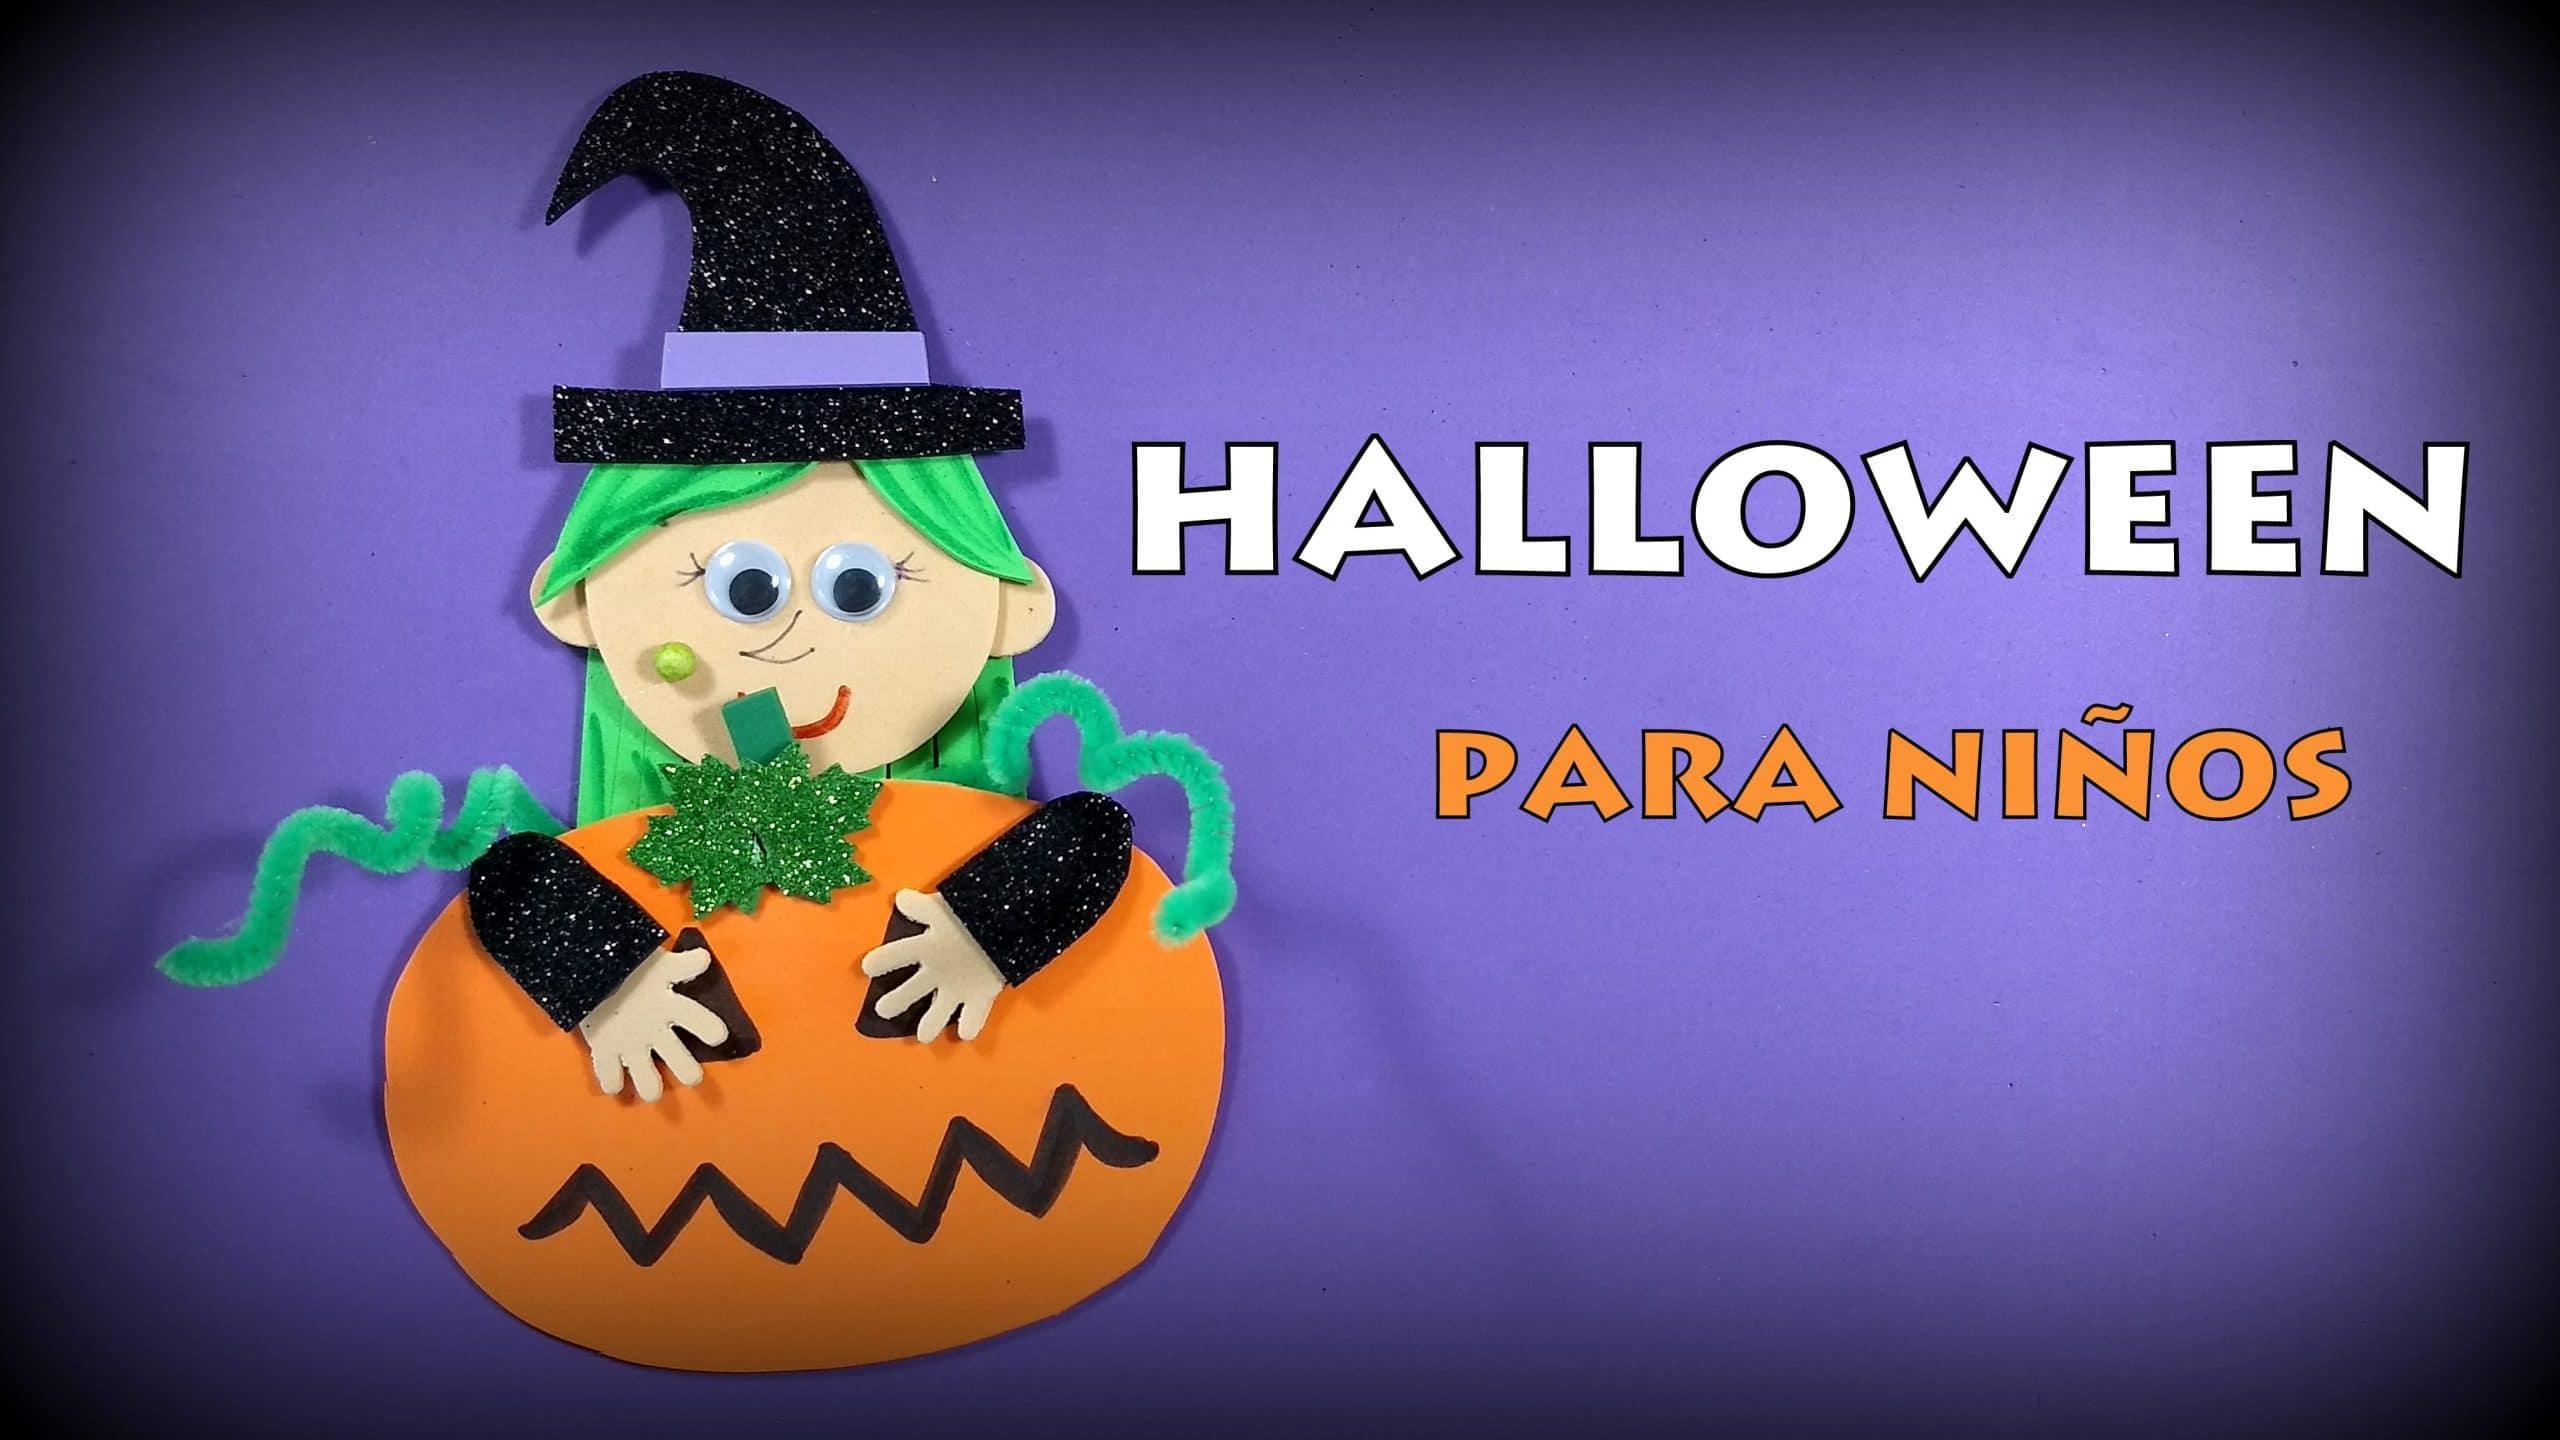 Halloween bruja con calabaza manualidades para hacer con - Calabazas para halloween manualidades ...